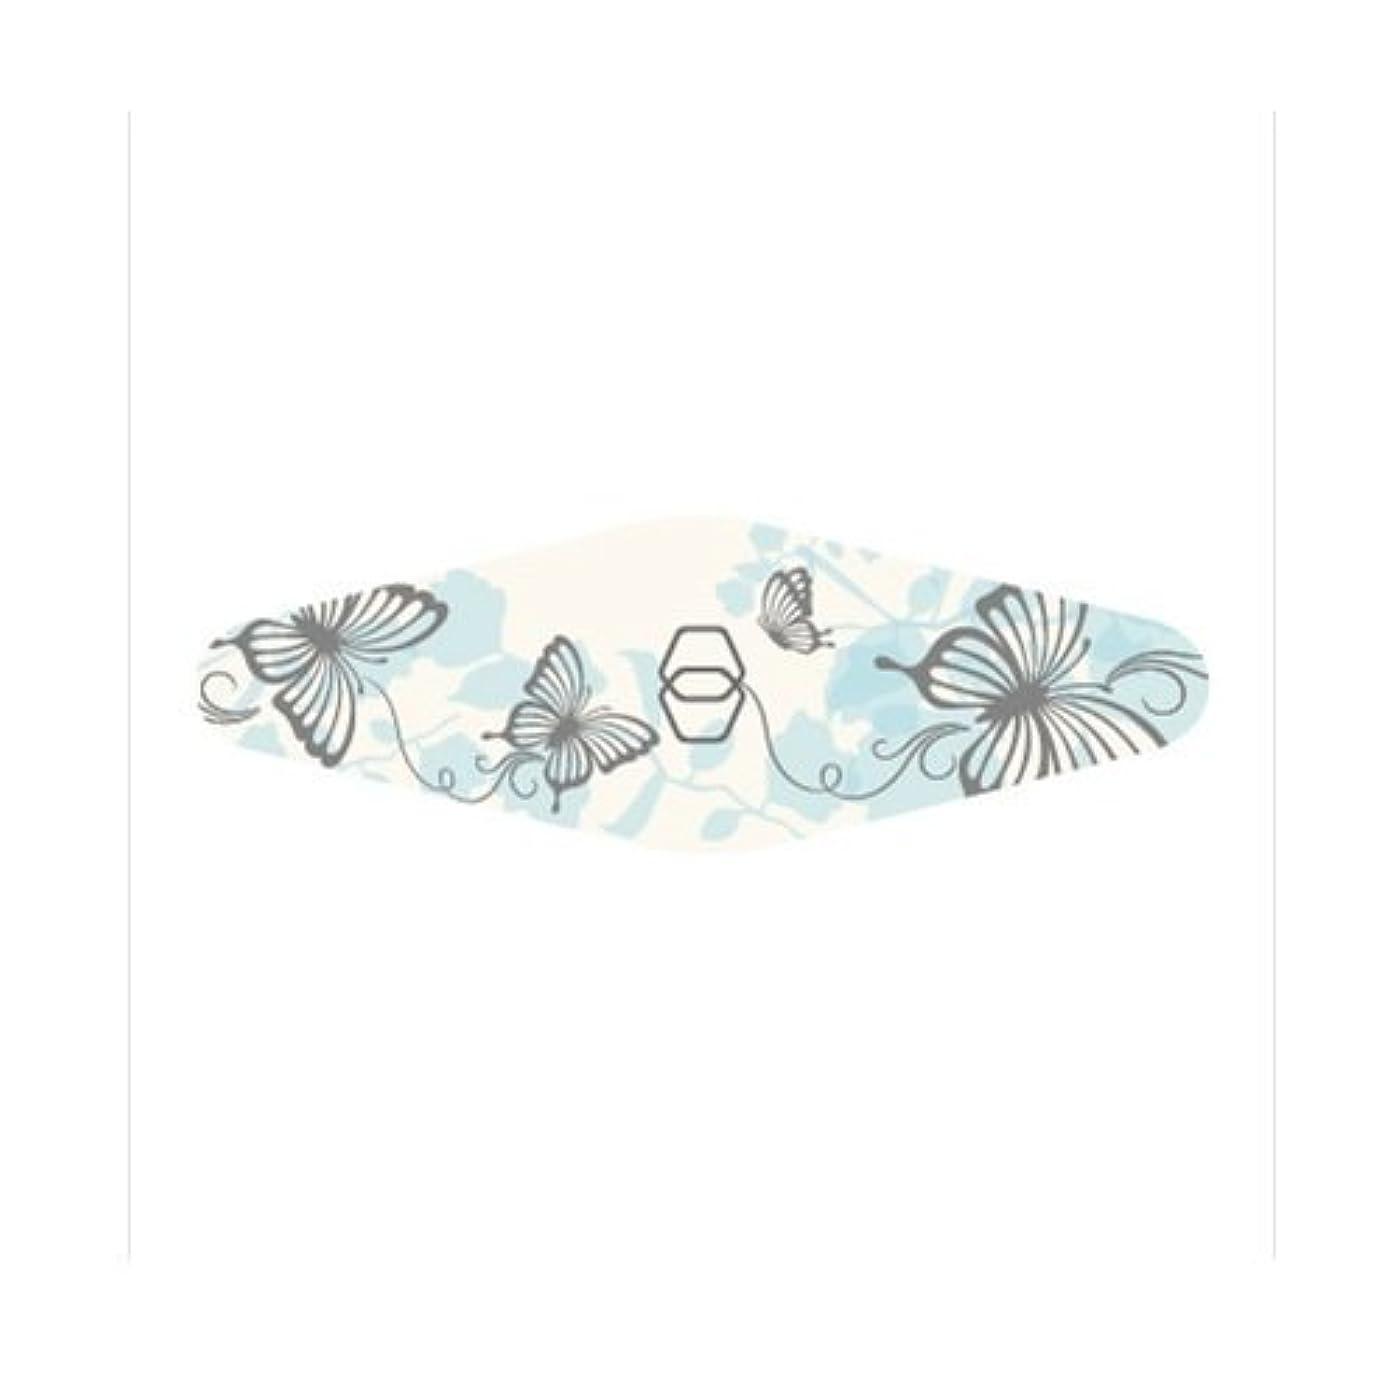 性差別クラウン売上高GOEI DIAMOND ダイヤモンド爪やすり キャリー(ブルー蝶々)